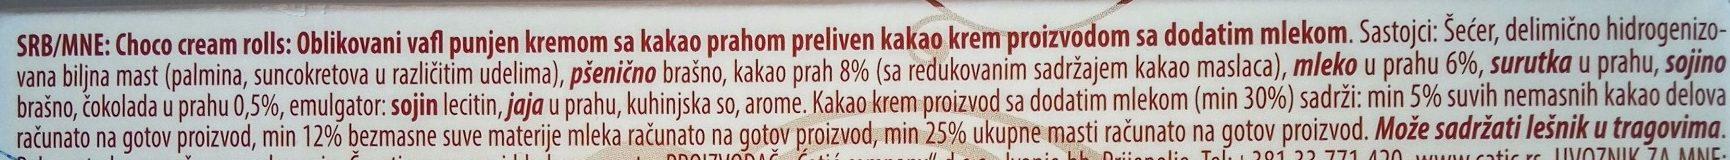 Choko cream rolls - Sastojci